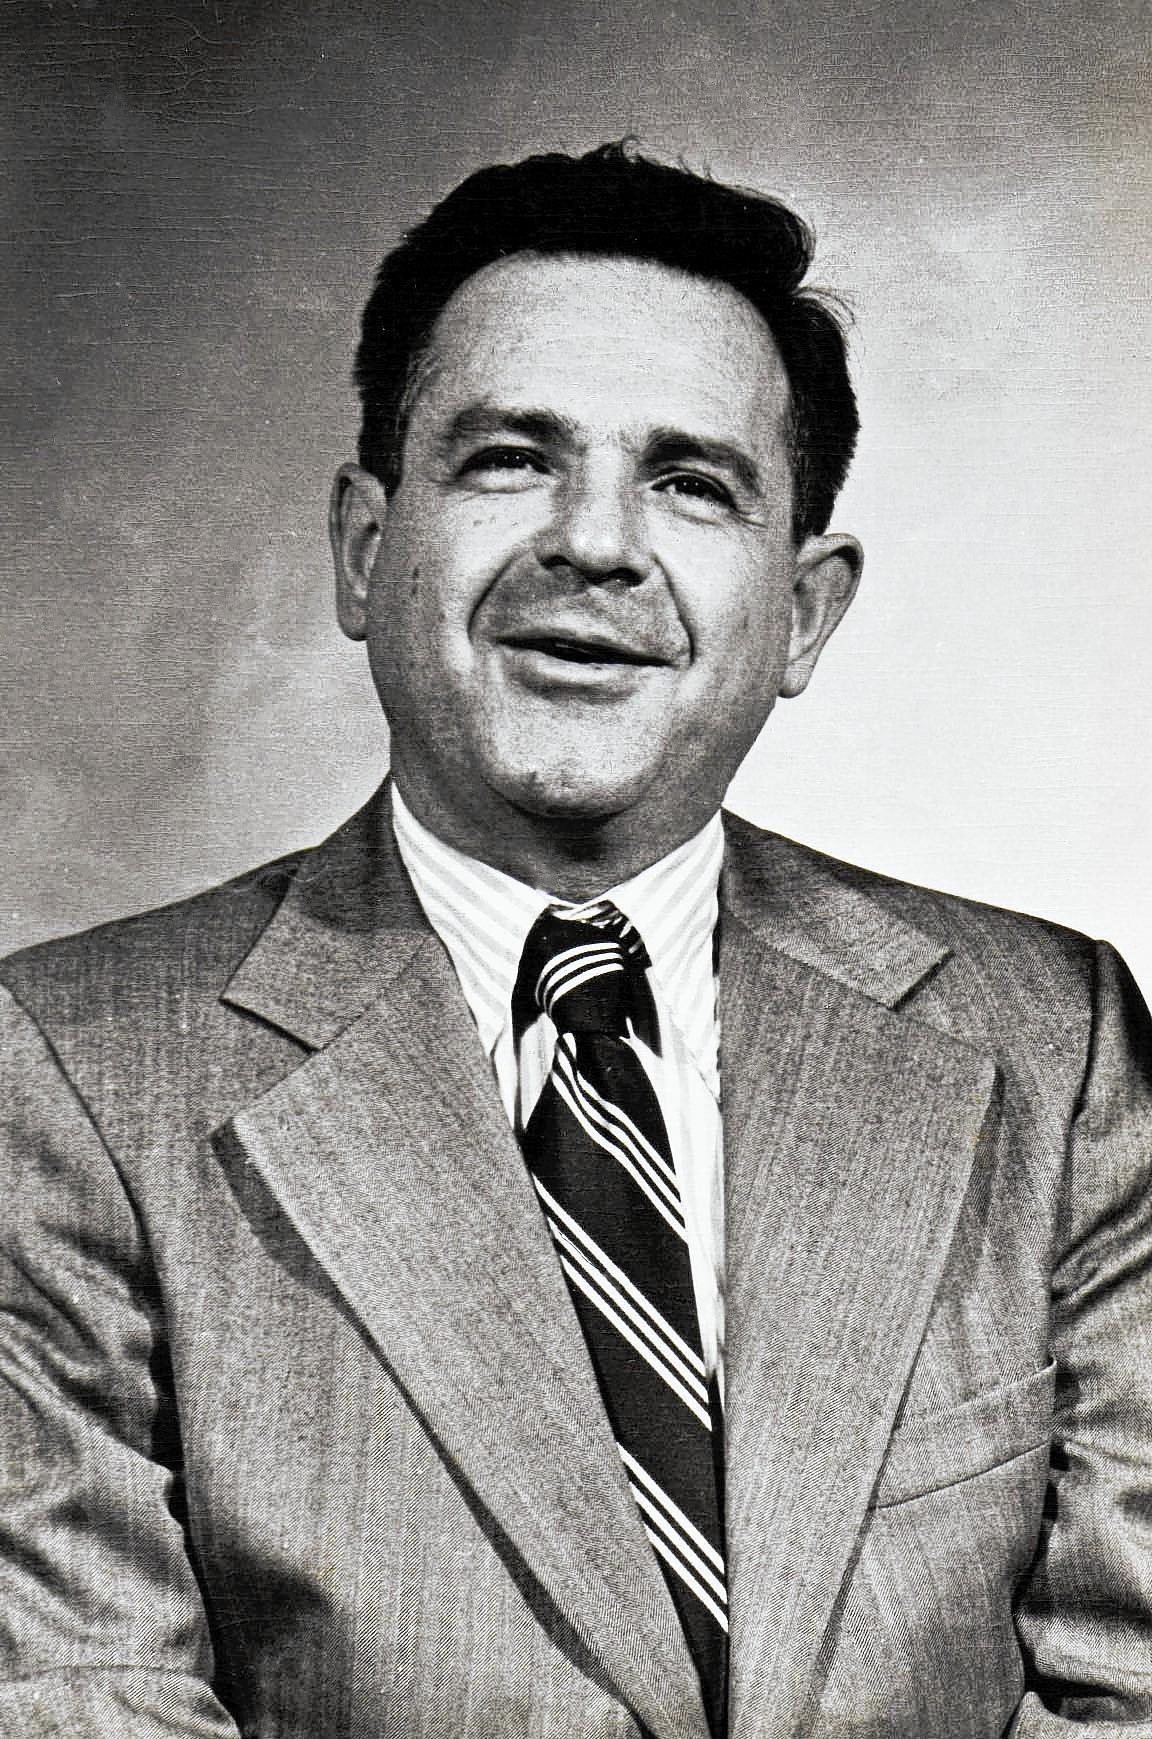 Jacob Schmulowitz